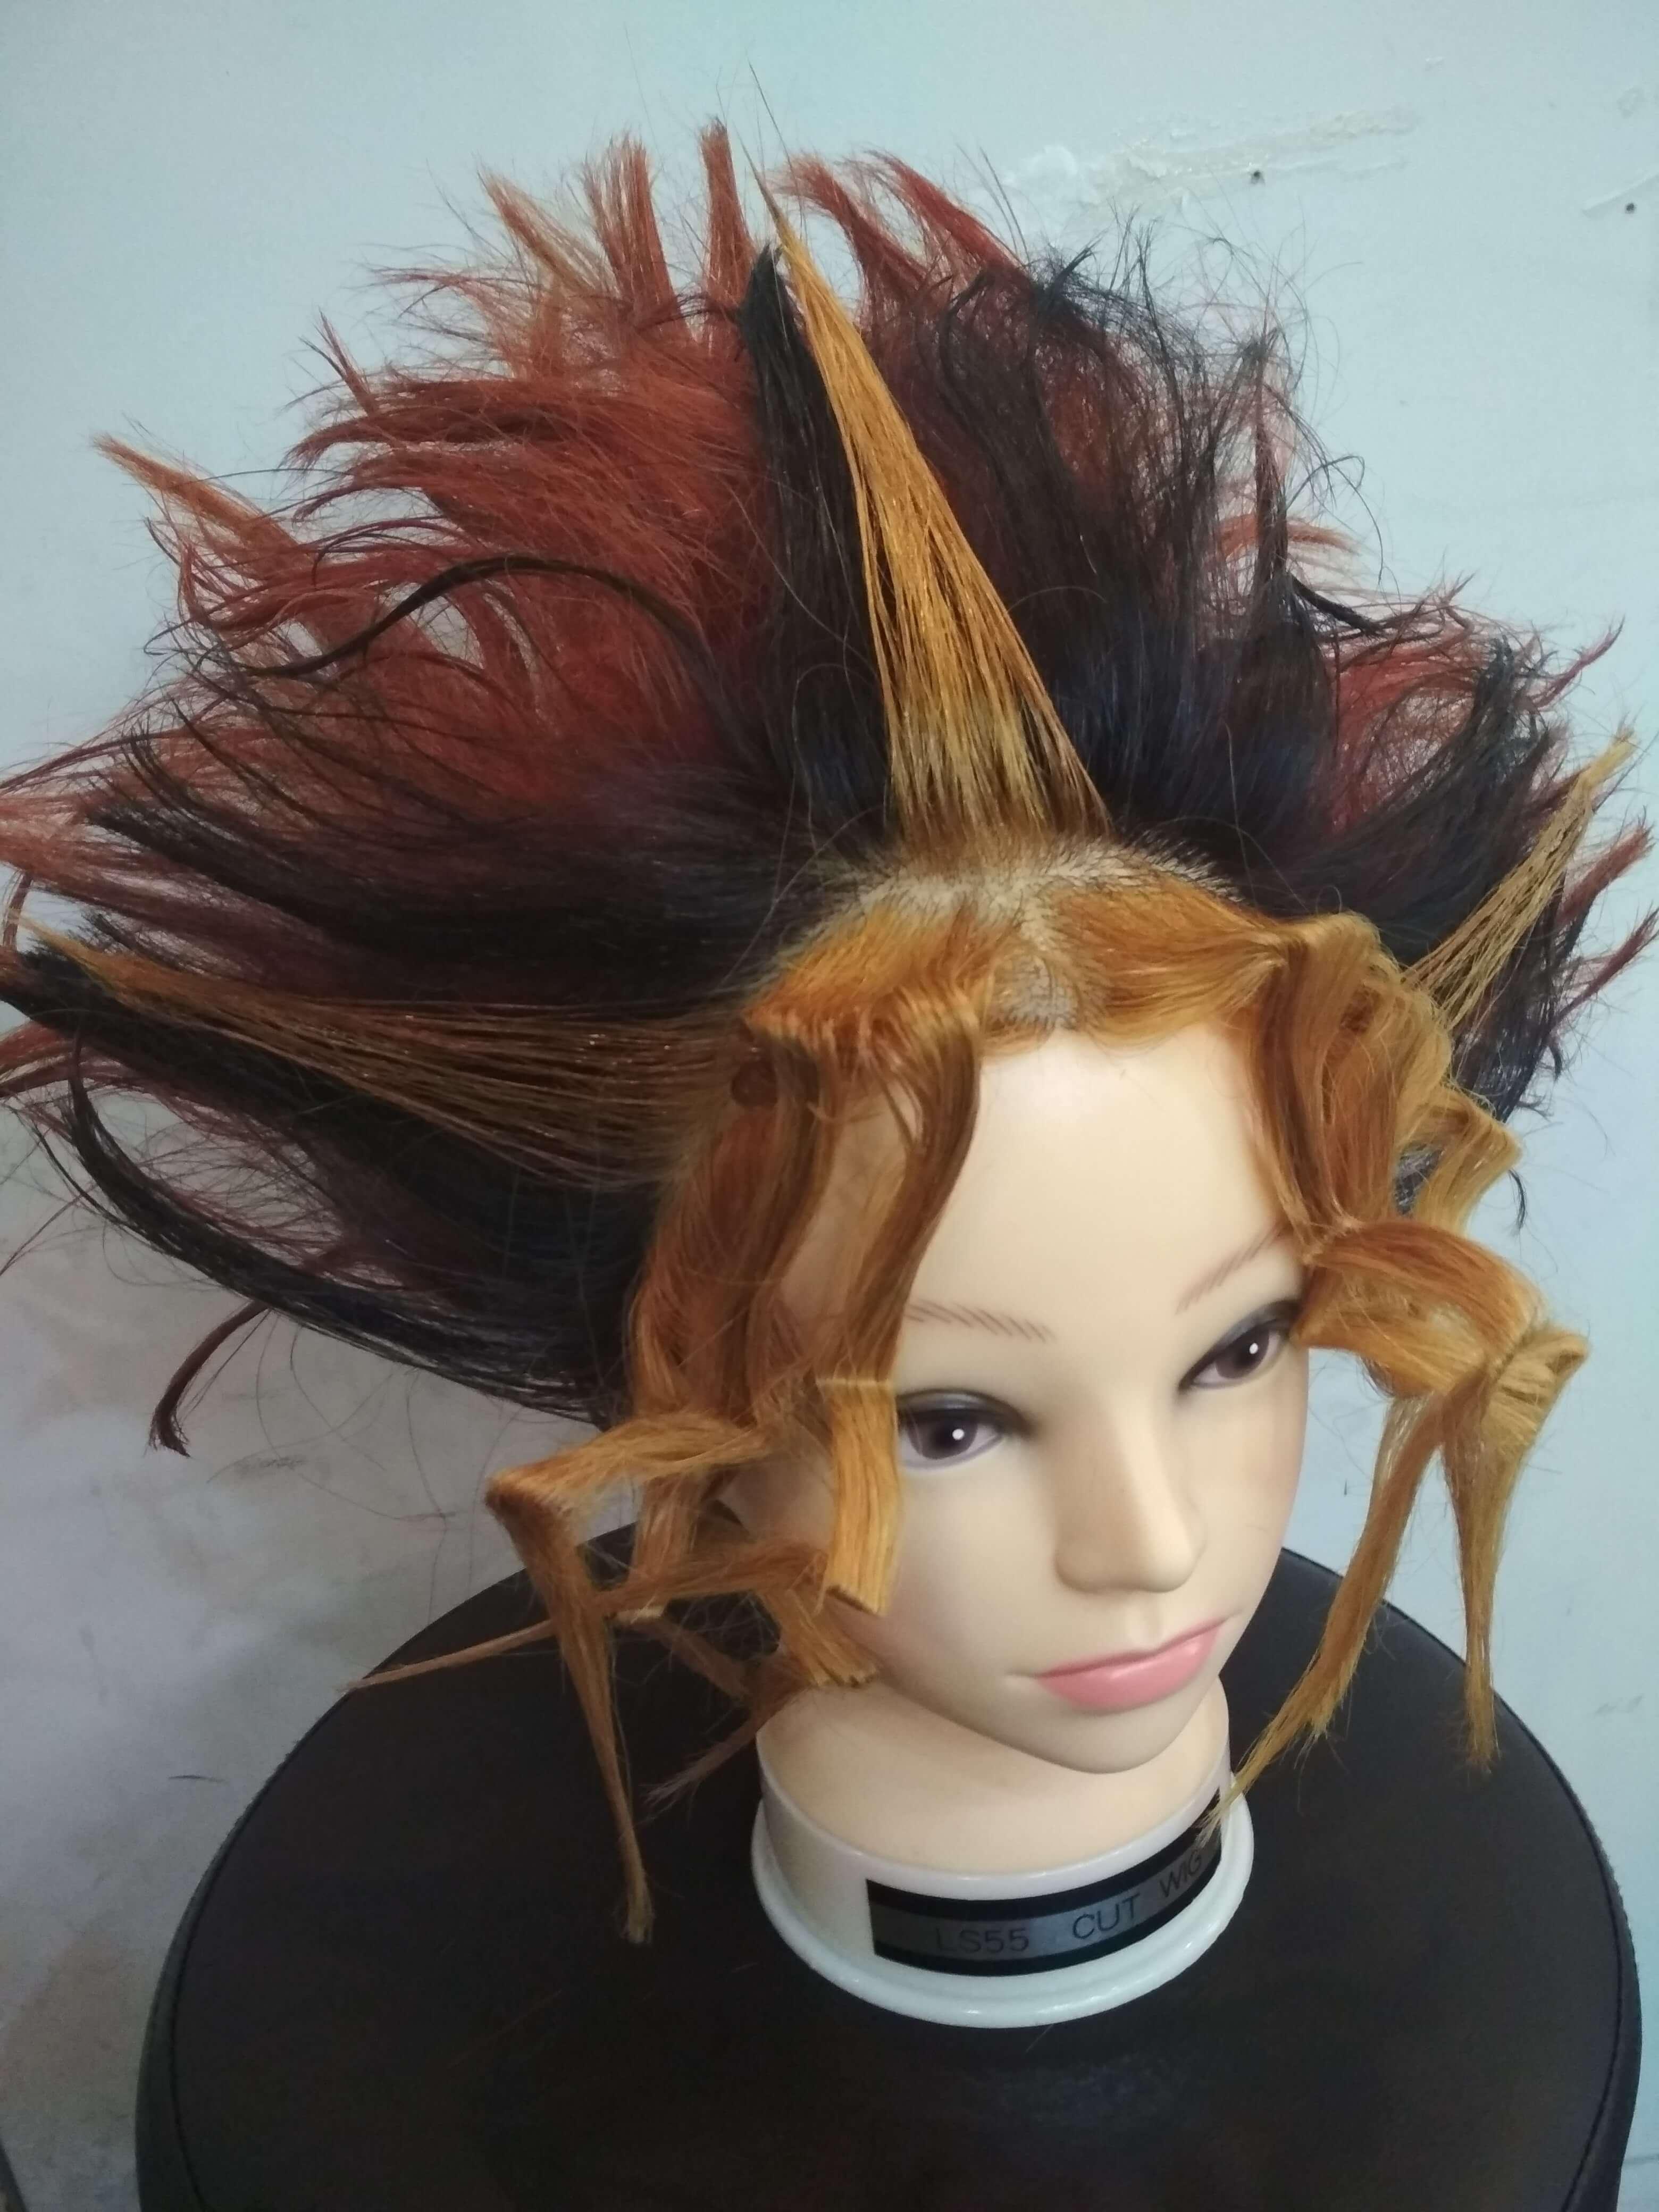 遊戯の髪型リアル